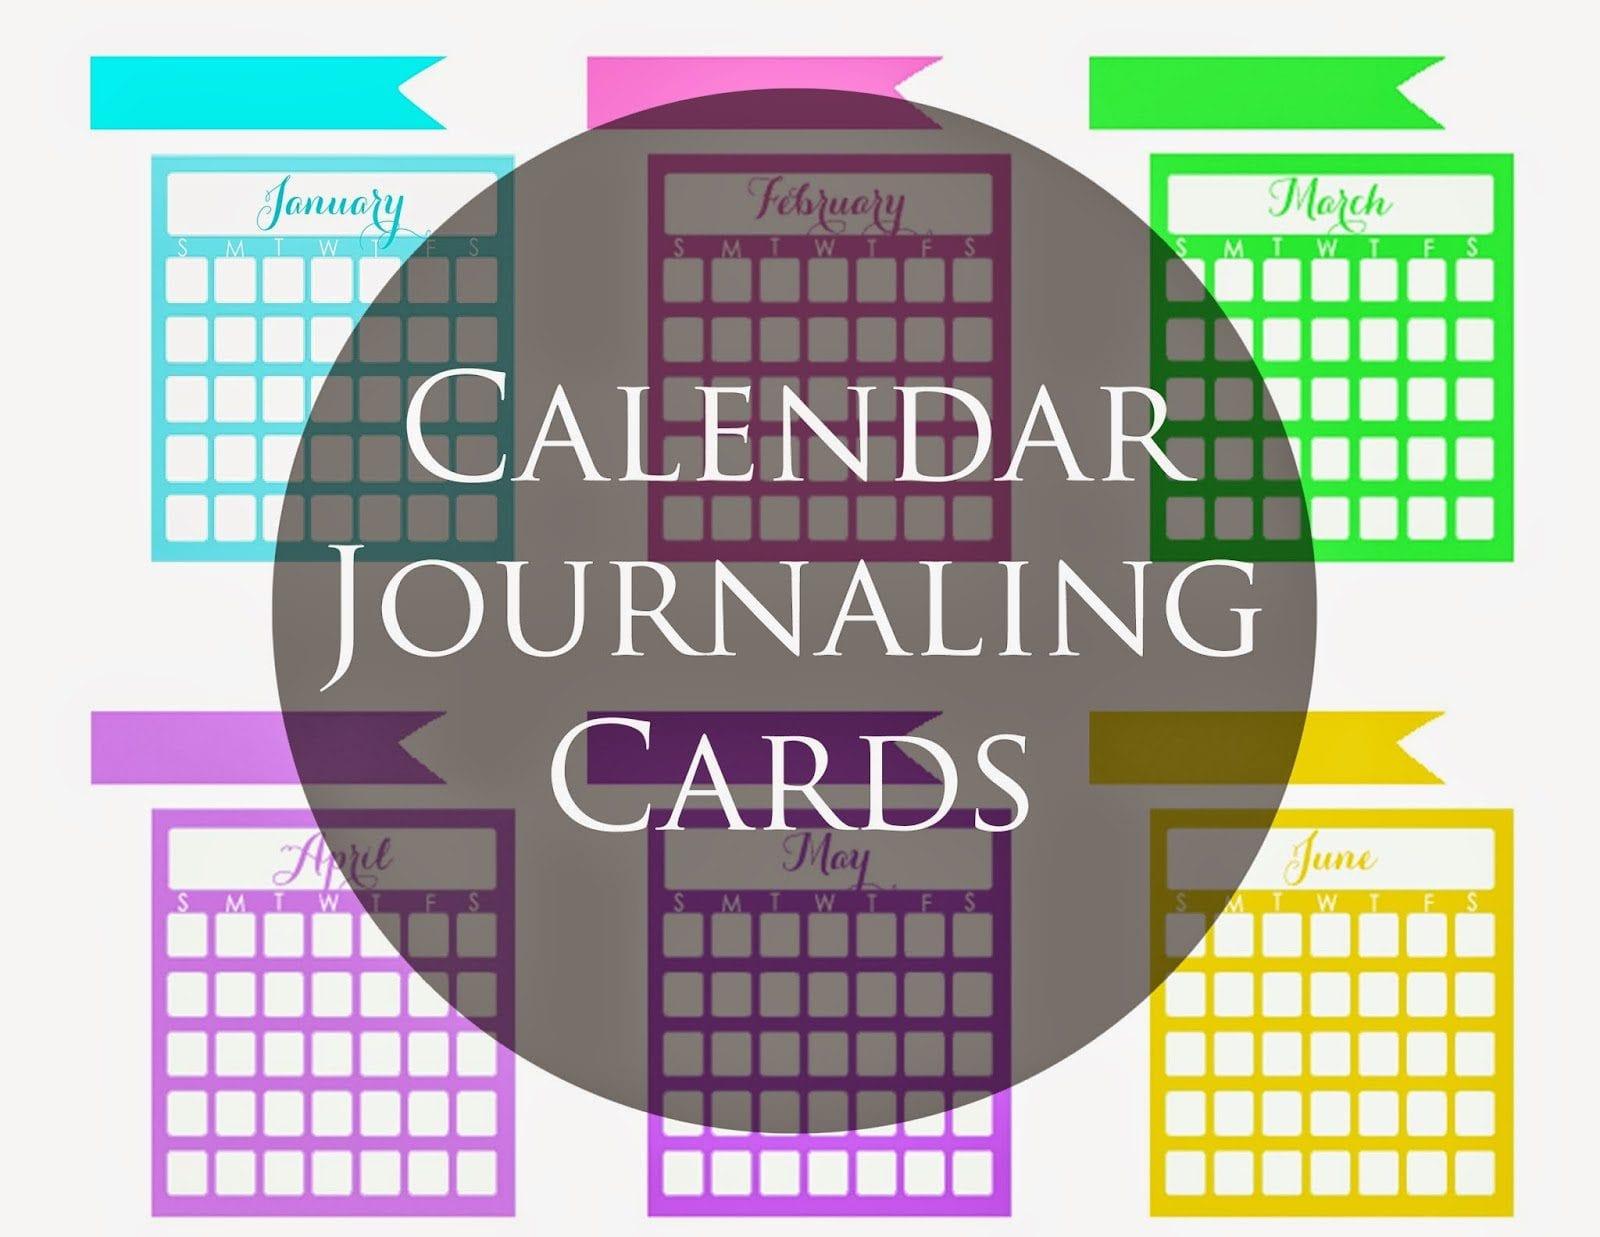 June Calendar Heading Clipart : Calendar journaling cards wendaful